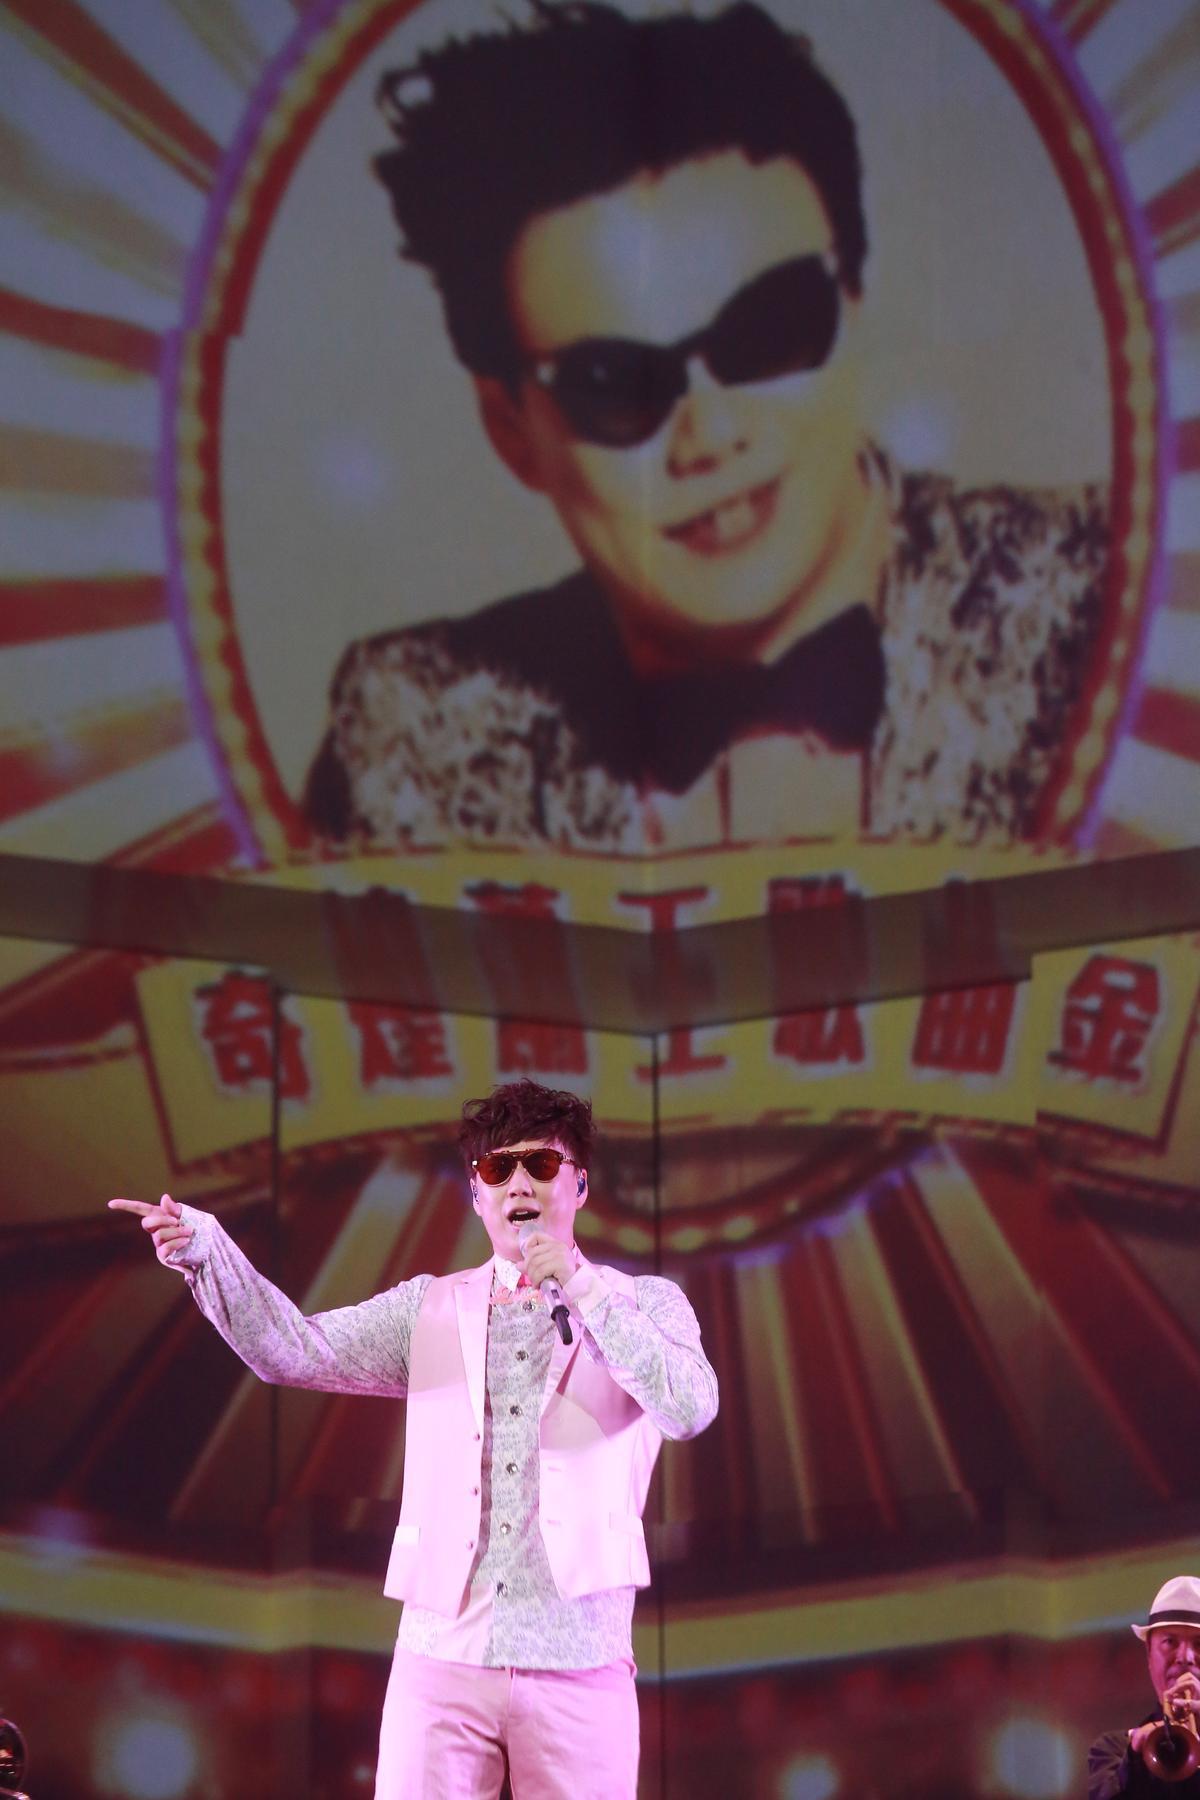 蕭煌奇是首位站上台北小巨蛋舉辦個人演唱會的視障歌手,整場演出將歌詞、走位、舞蹈都記在腦中完美演出。(華納提供)